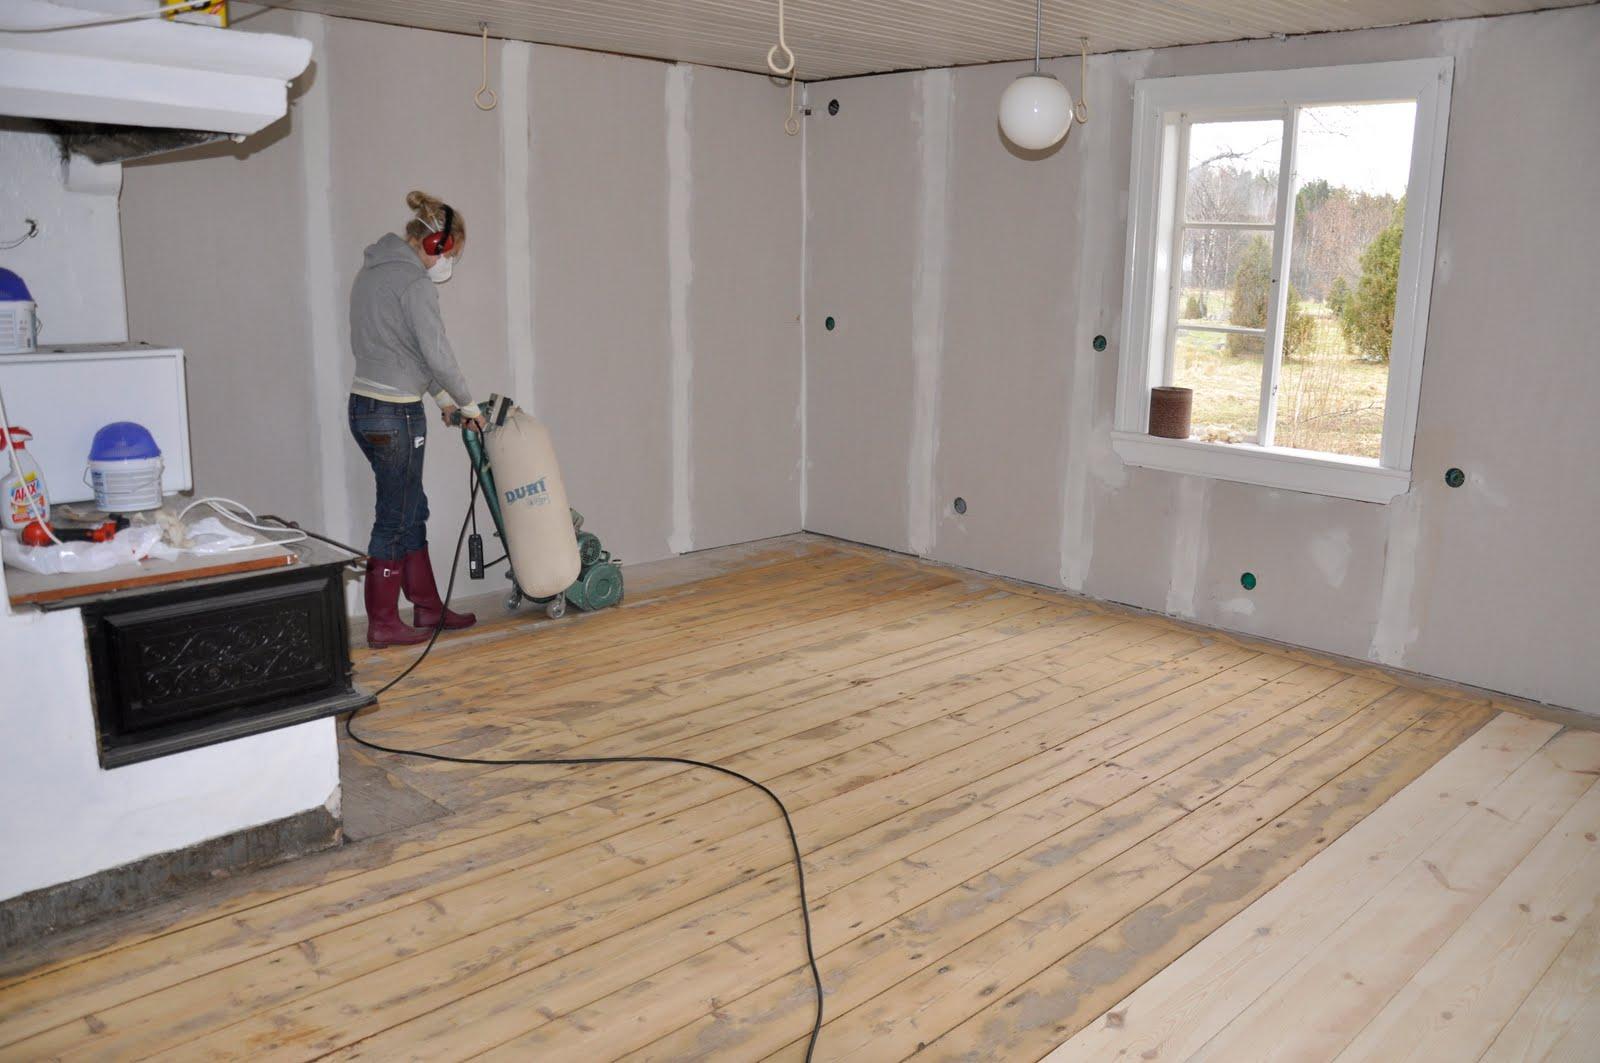 malin charlottas slipa och luta gammalt tr golv. Black Bedroom Furniture Sets. Home Design Ideas